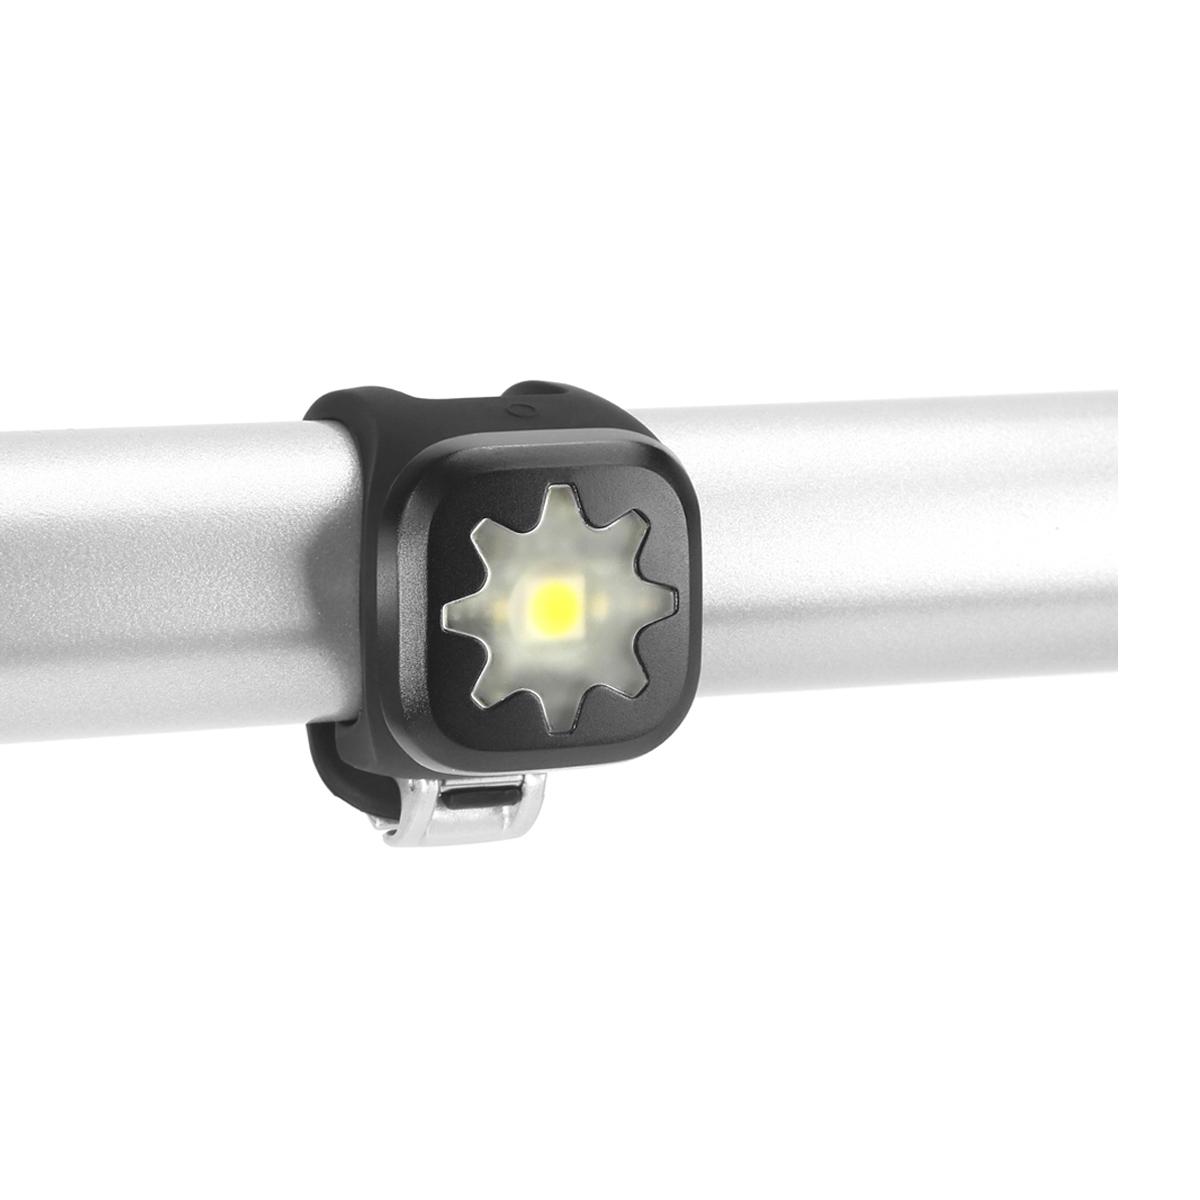 Éclairage arrière Knog Blinder étoile 1 LED - Or